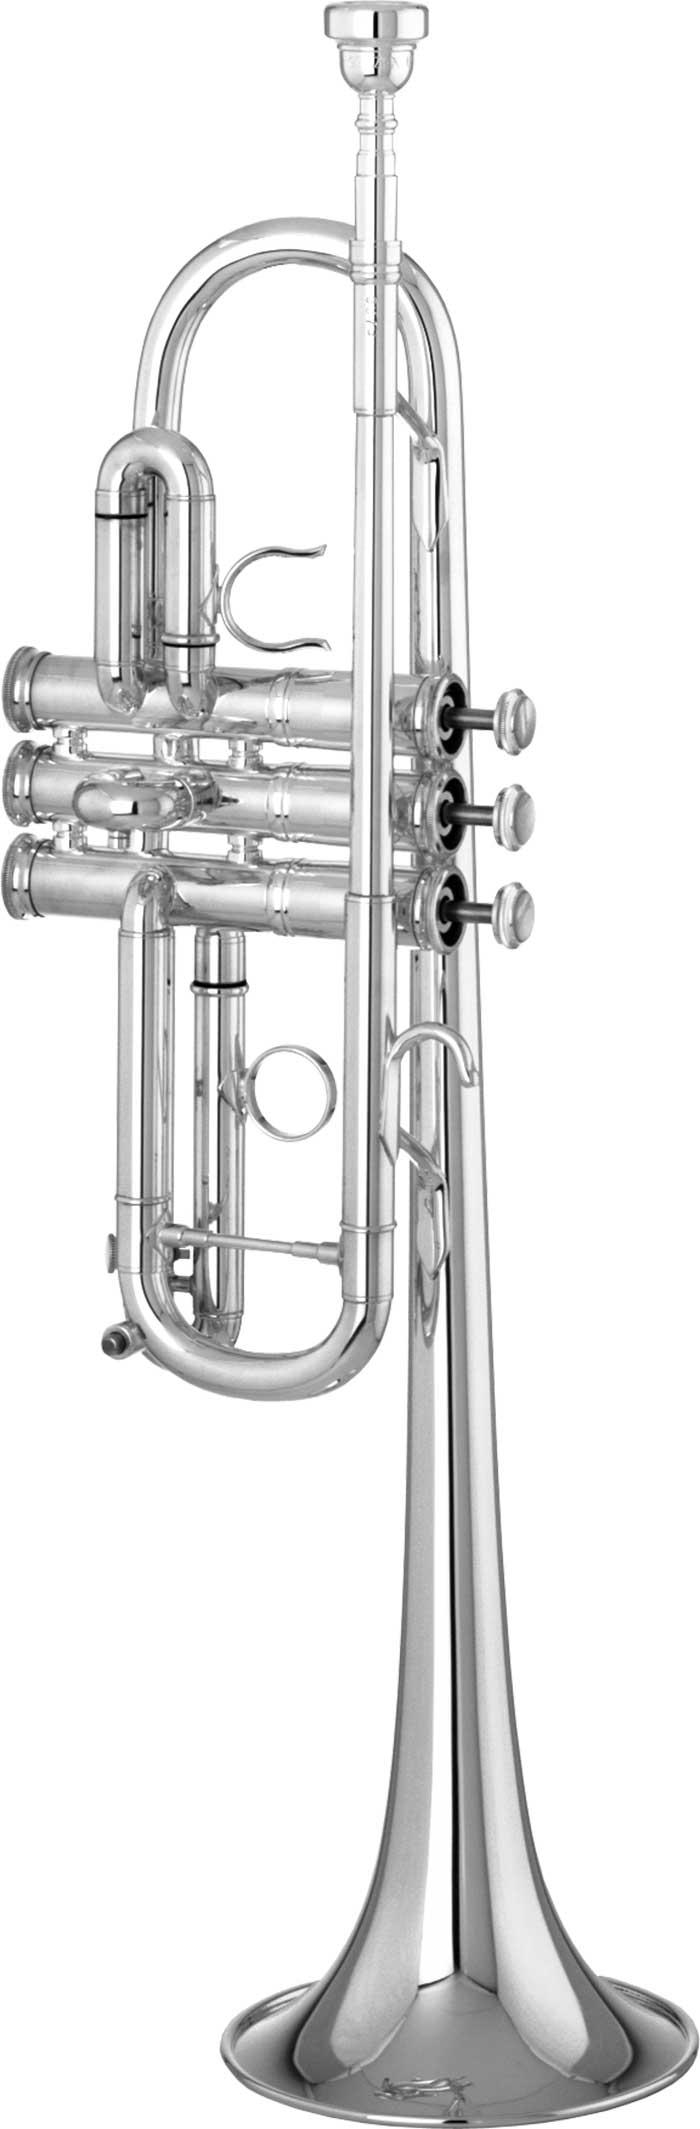 Getzen 3070 C Trumpet